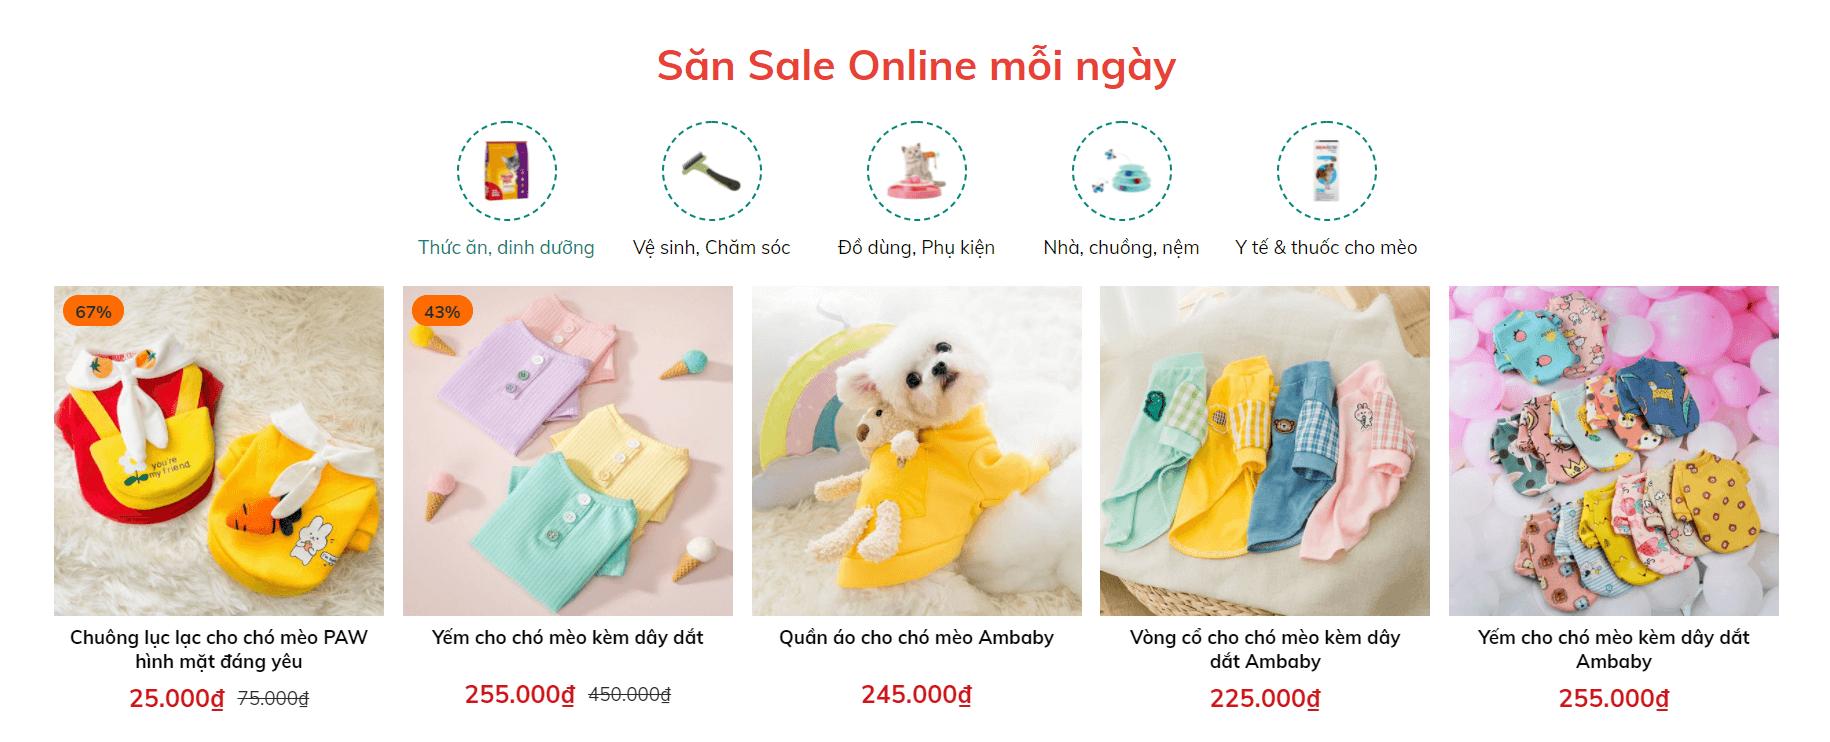 Ant Paws - Săn Sale Online